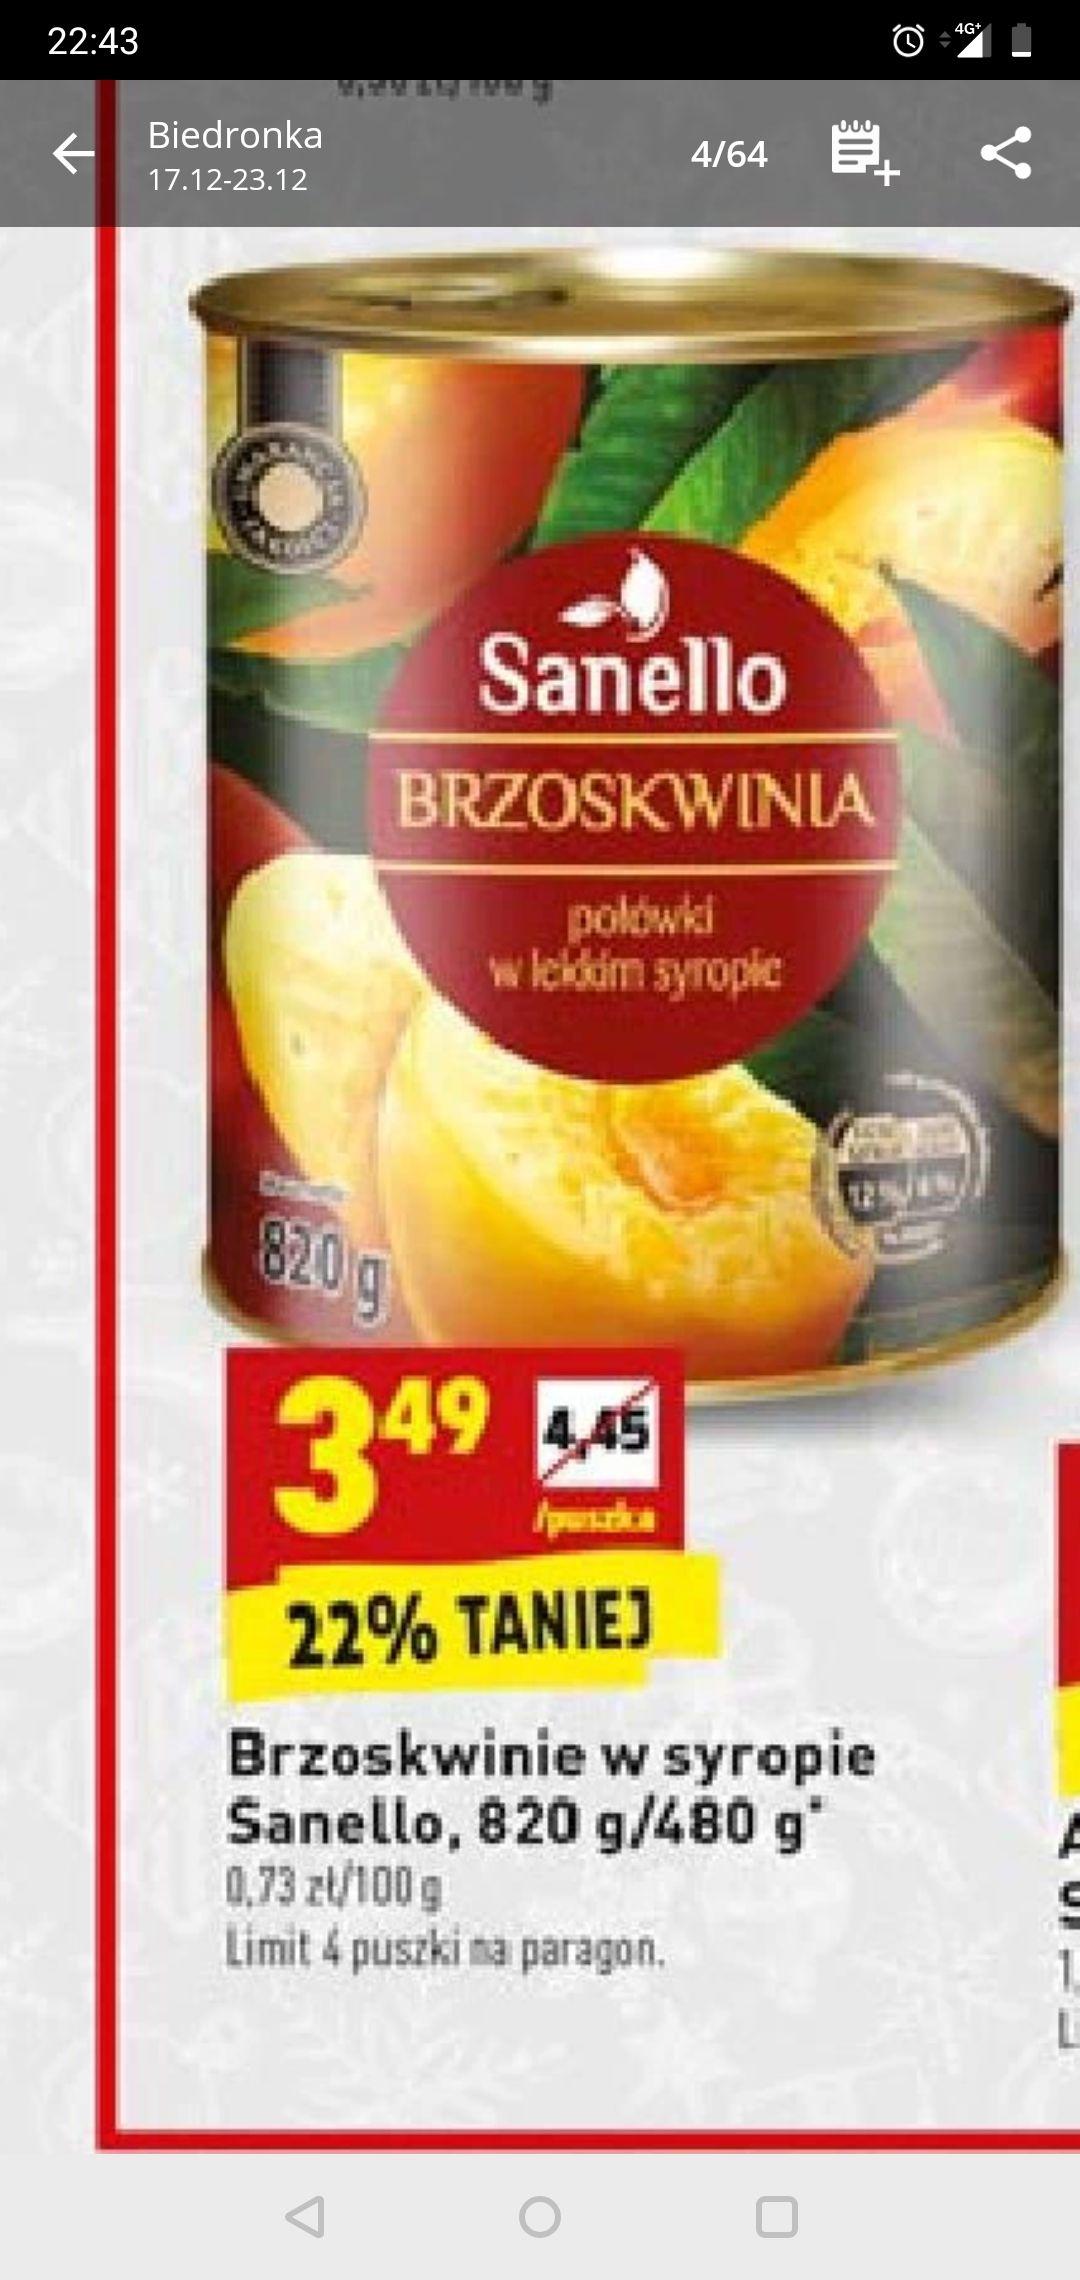 Brzoskwinie w syropie Sanello 820g/480g Ananas też :) Biedronka